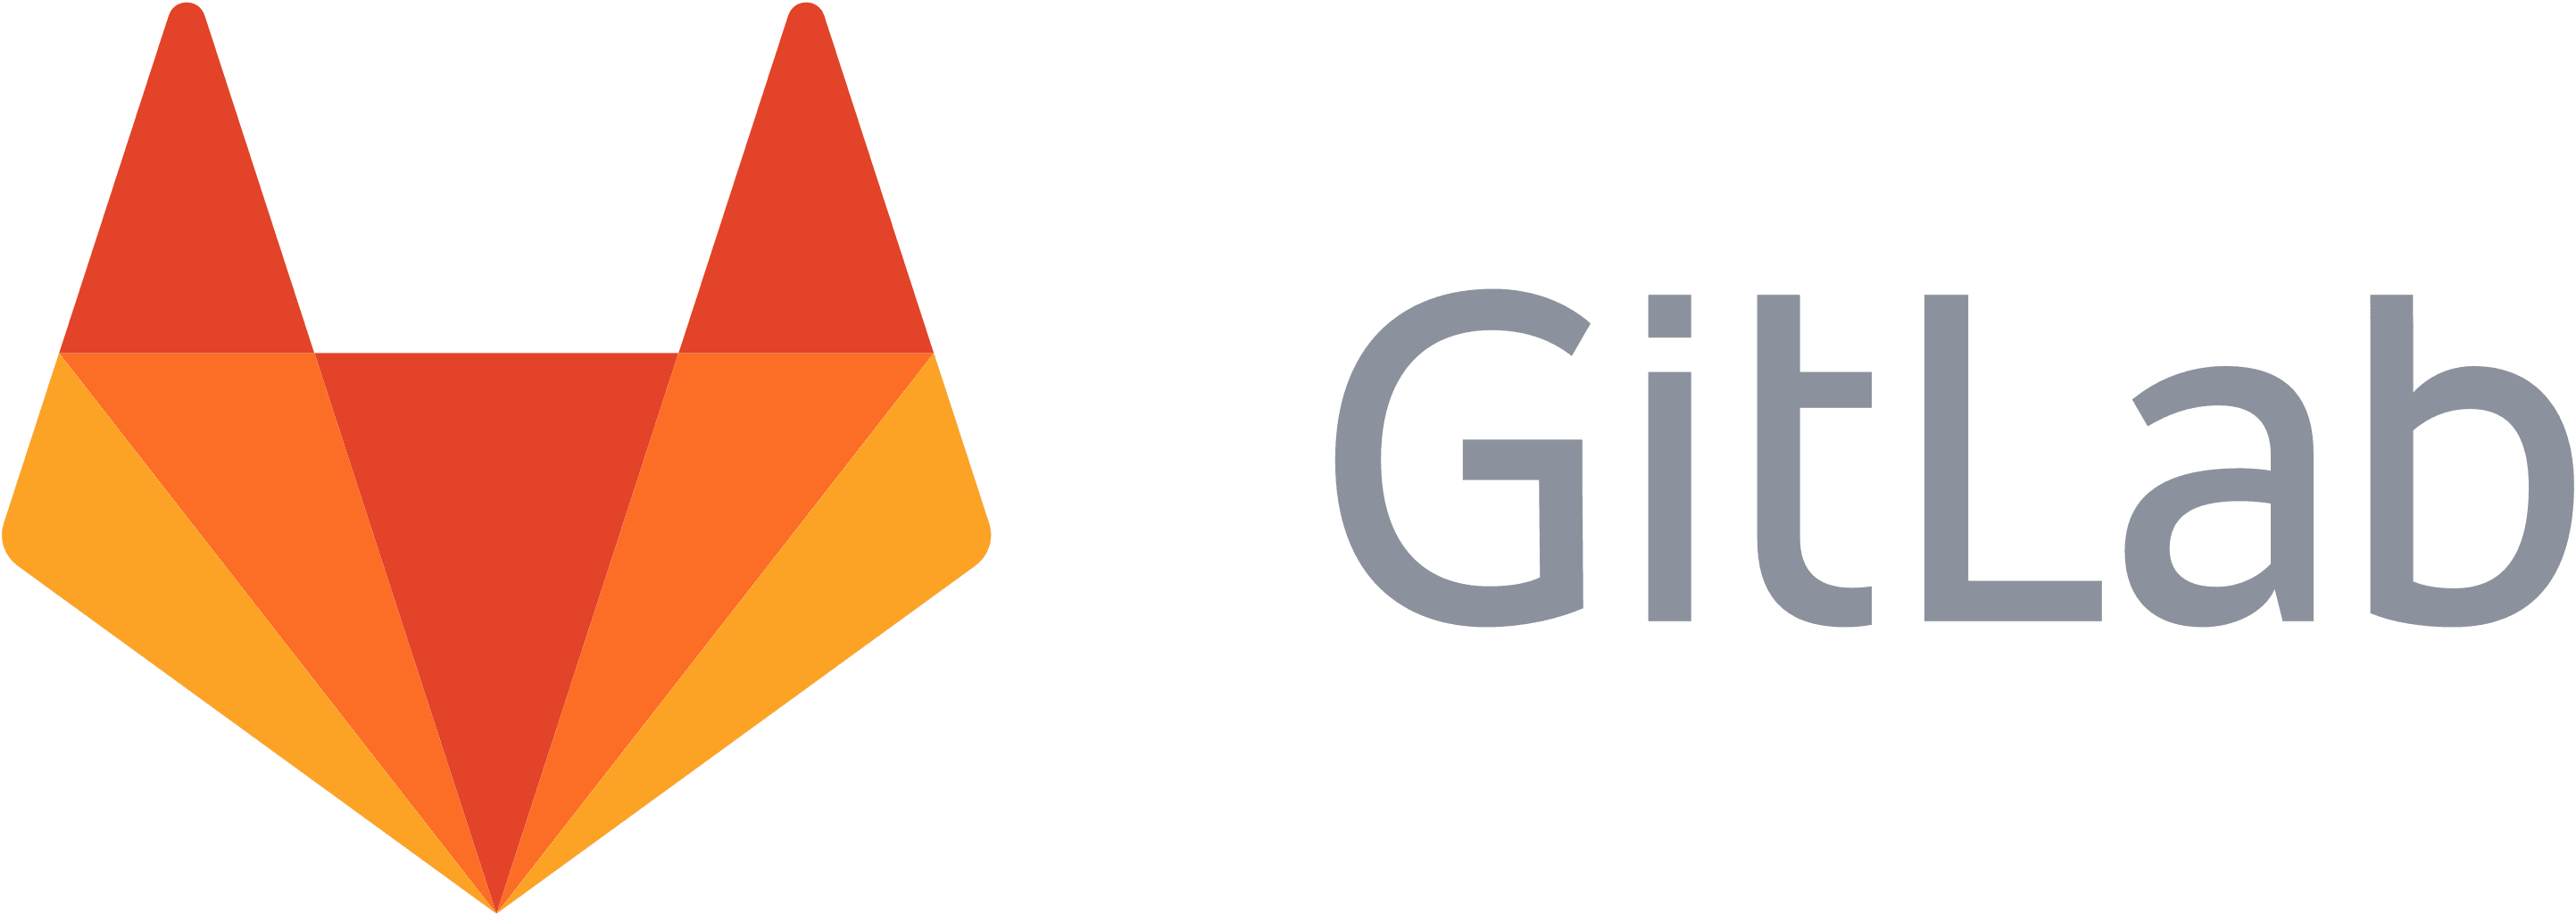 GitLab.png